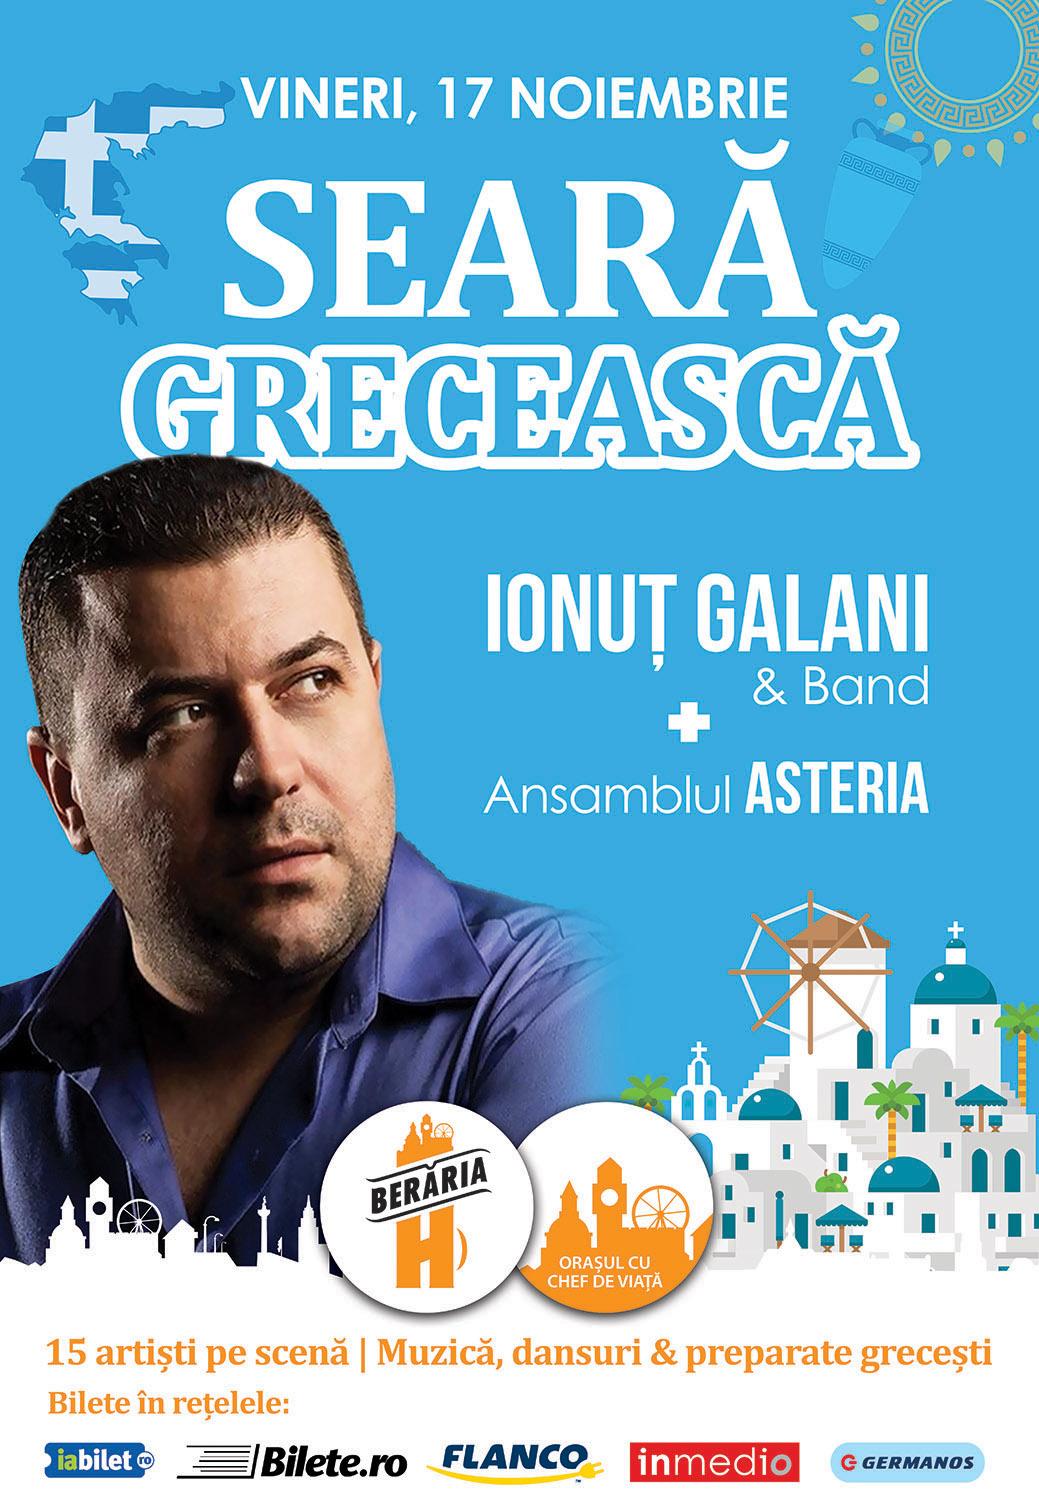 Seară Grecească Ionuț Galani Band Ansamblul Asteria